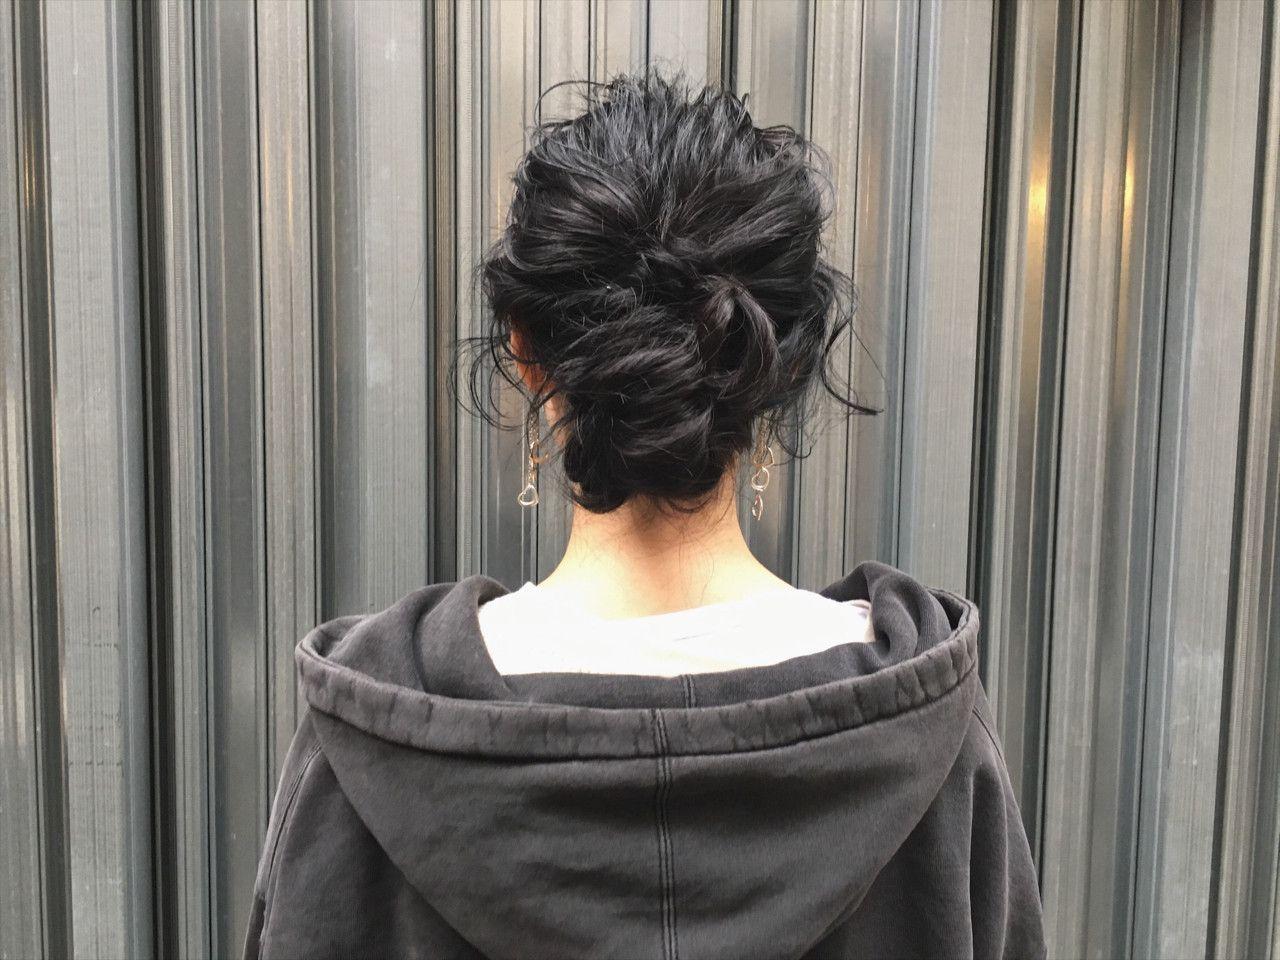 黒髪ストレート ミディアムでモテ度を高めよう おだんごヘア ヘア